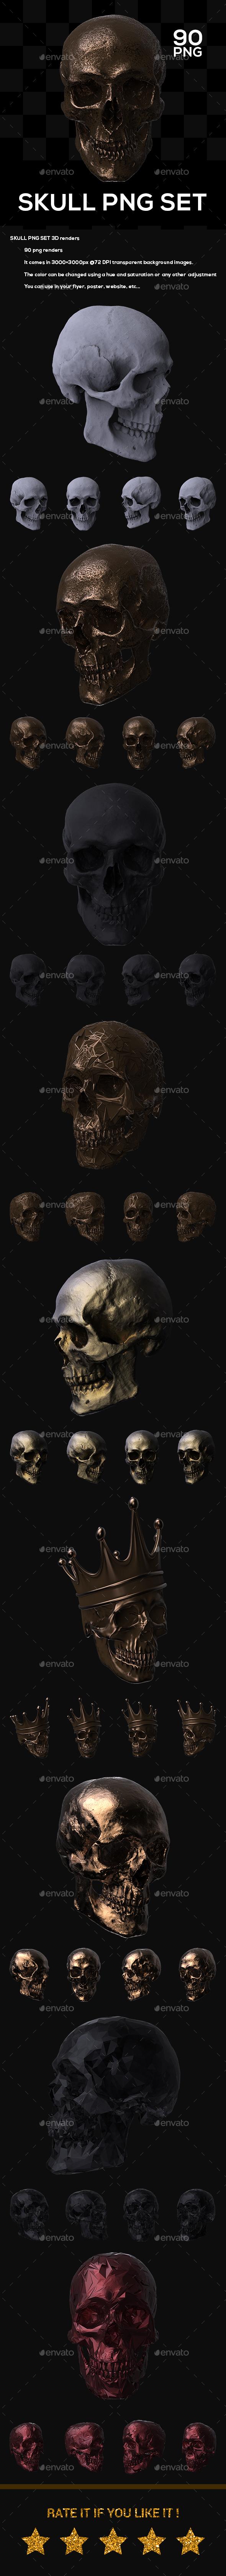 Skull PNG Set